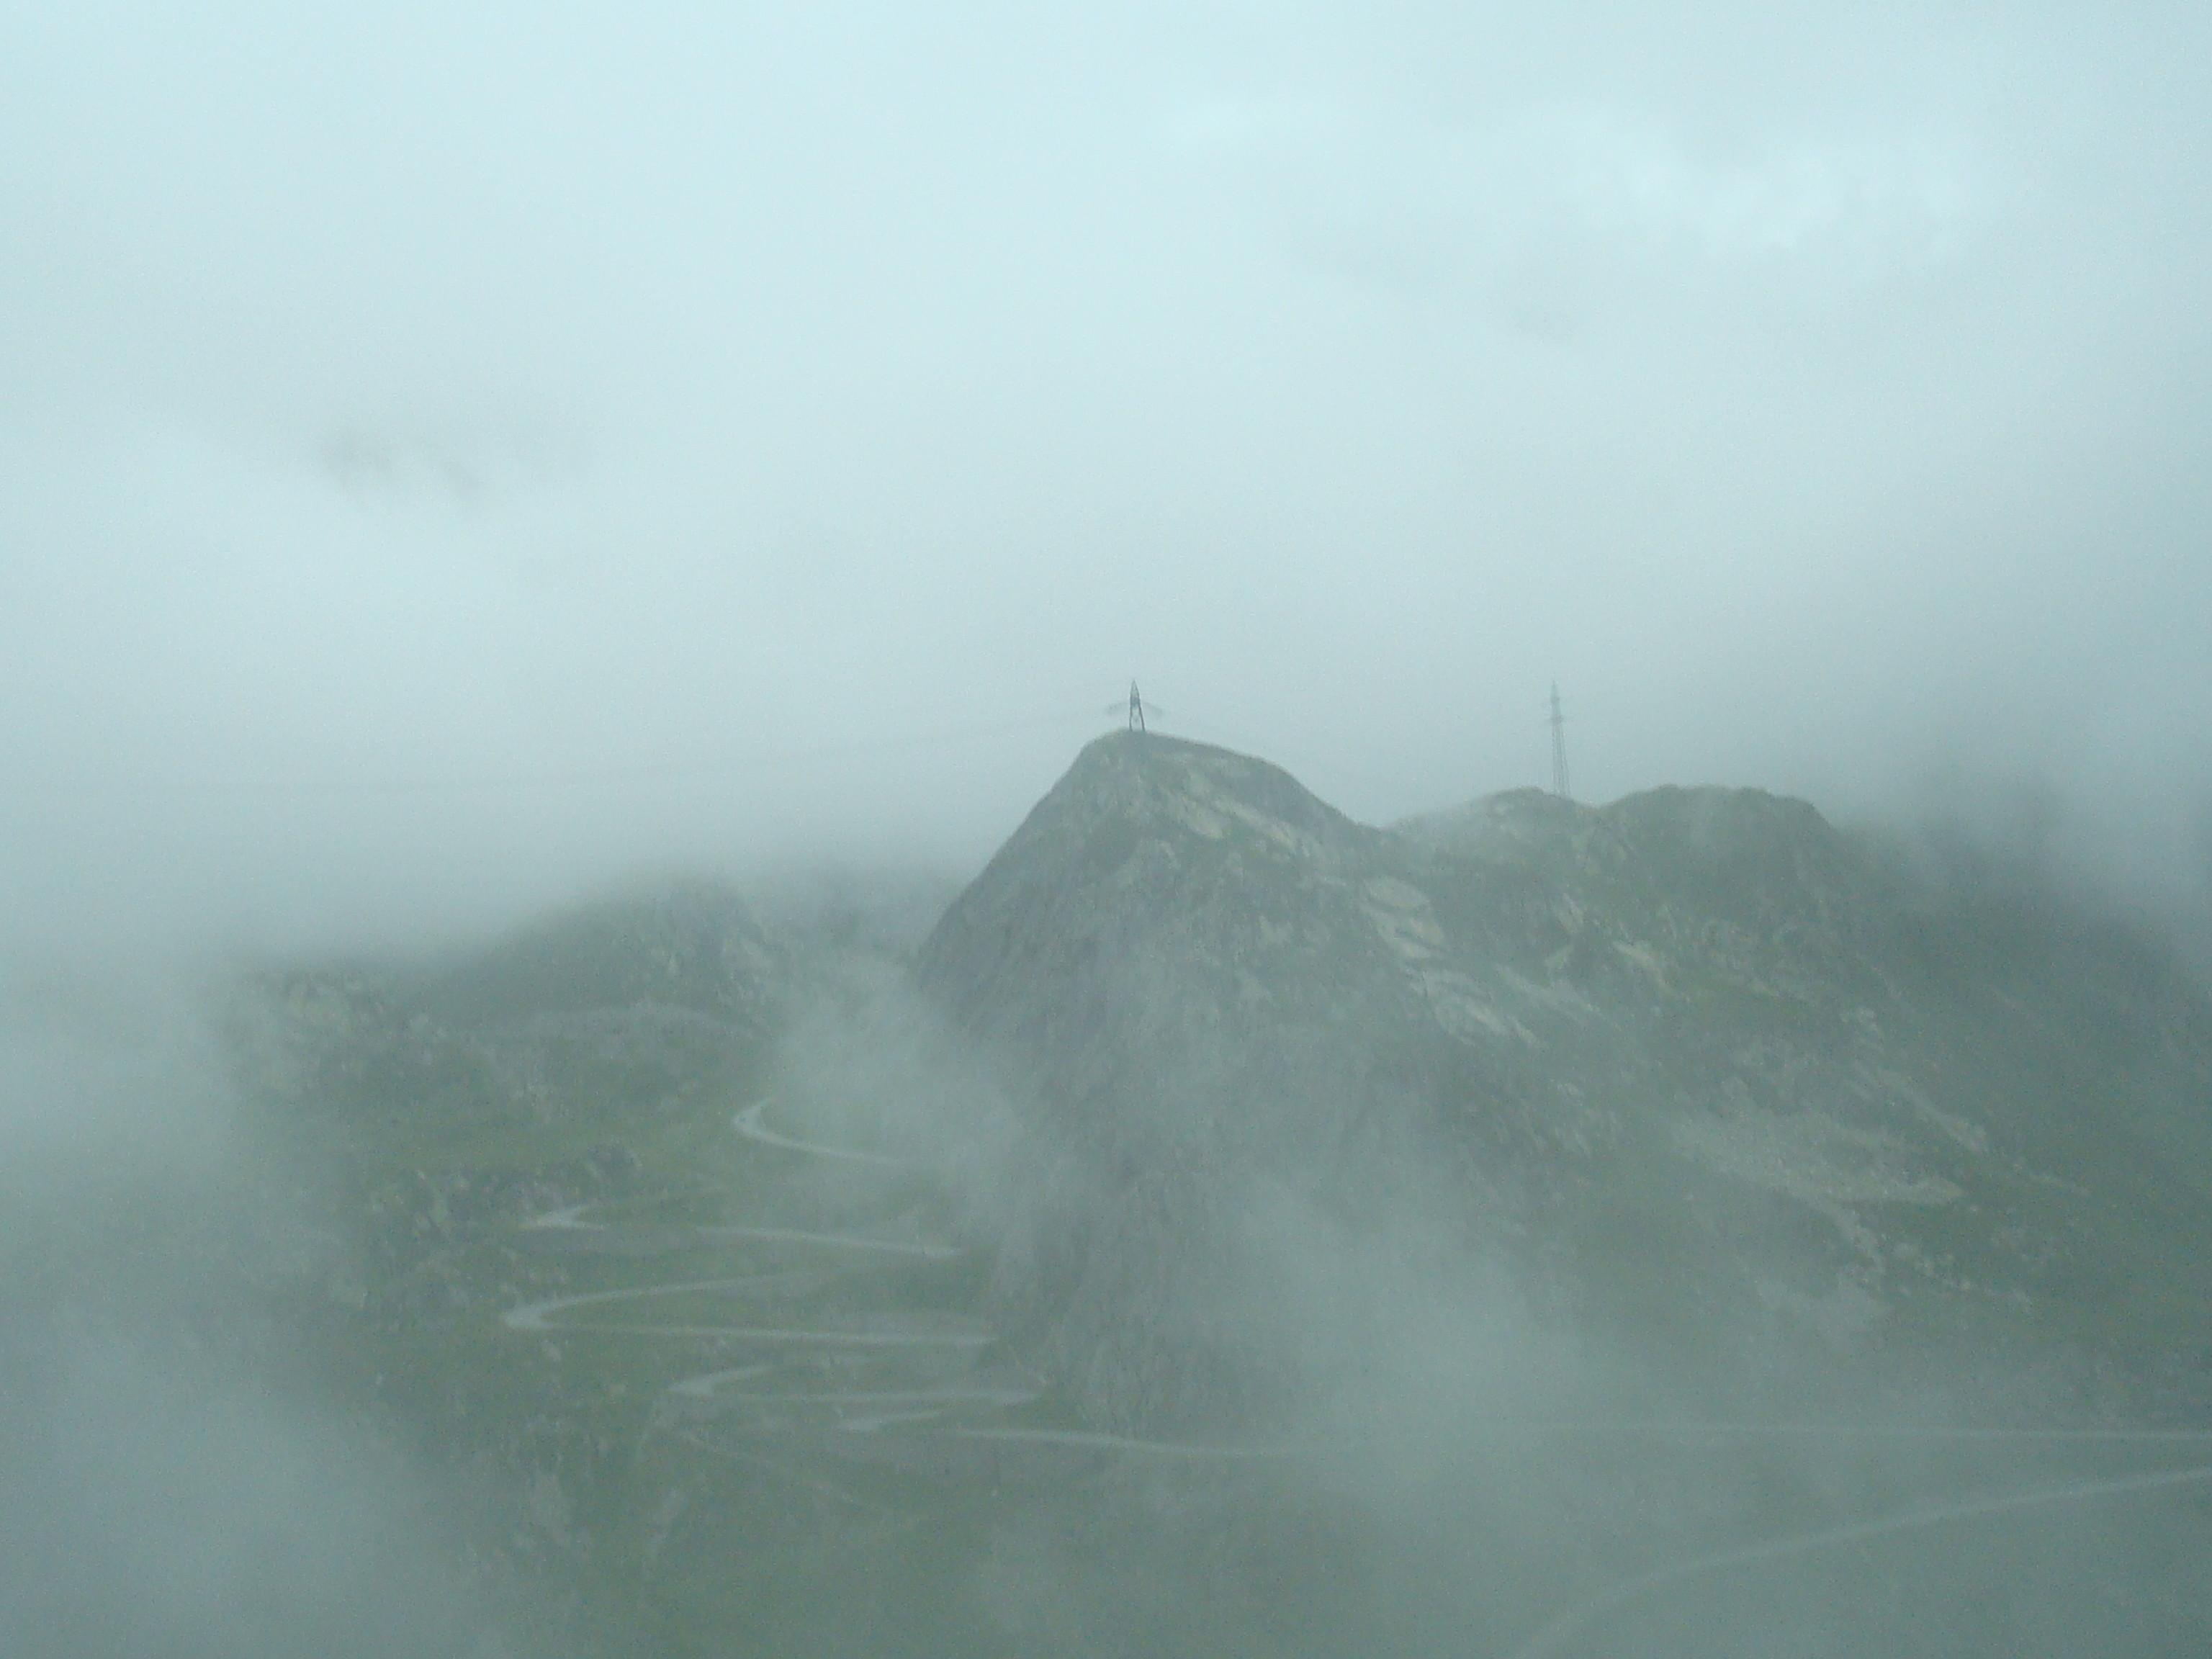 Dit is een berg in Zwitserland tussen de mist